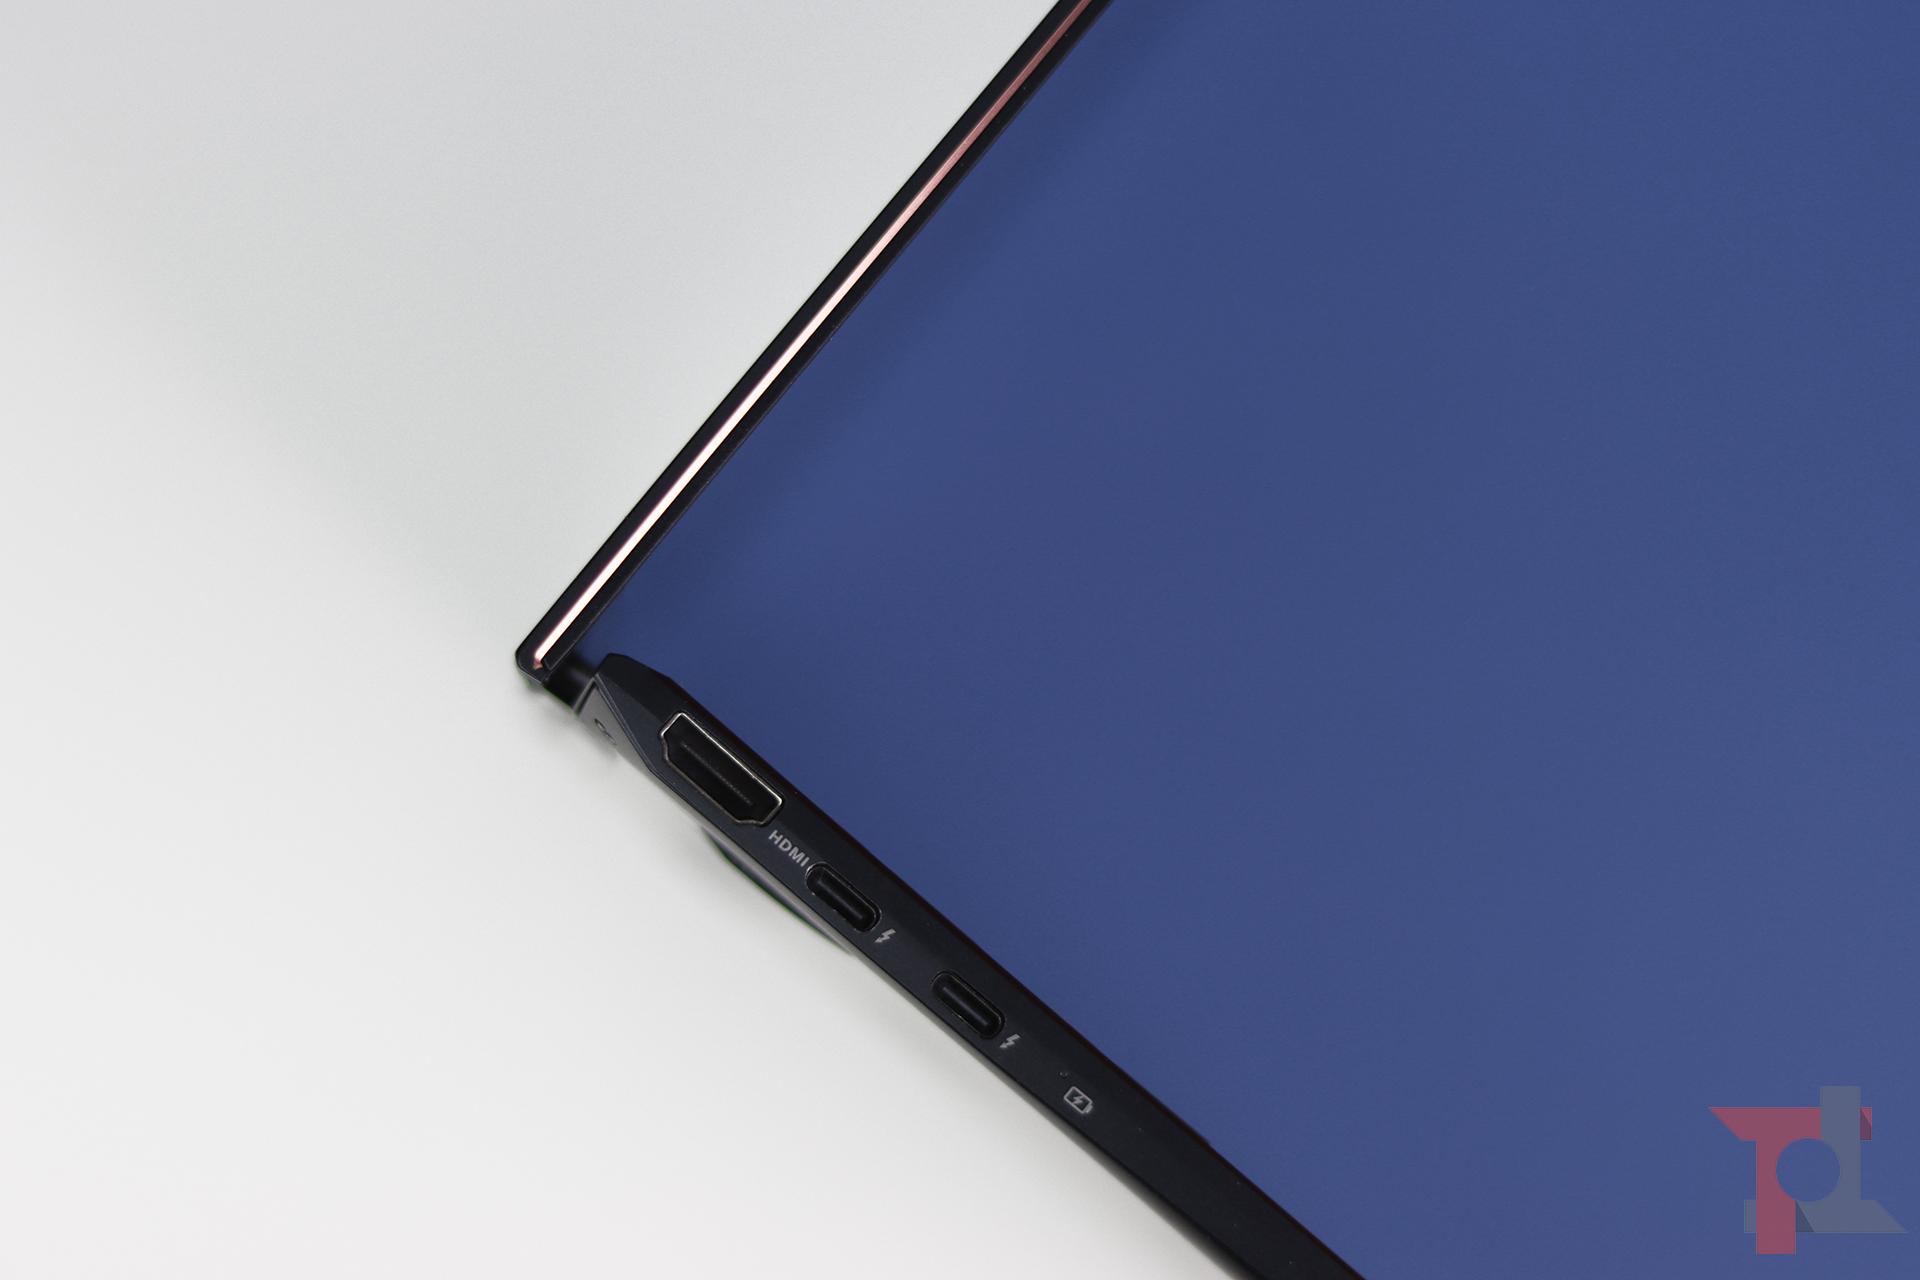 Asus Zenbook Flip S scheda tecnica